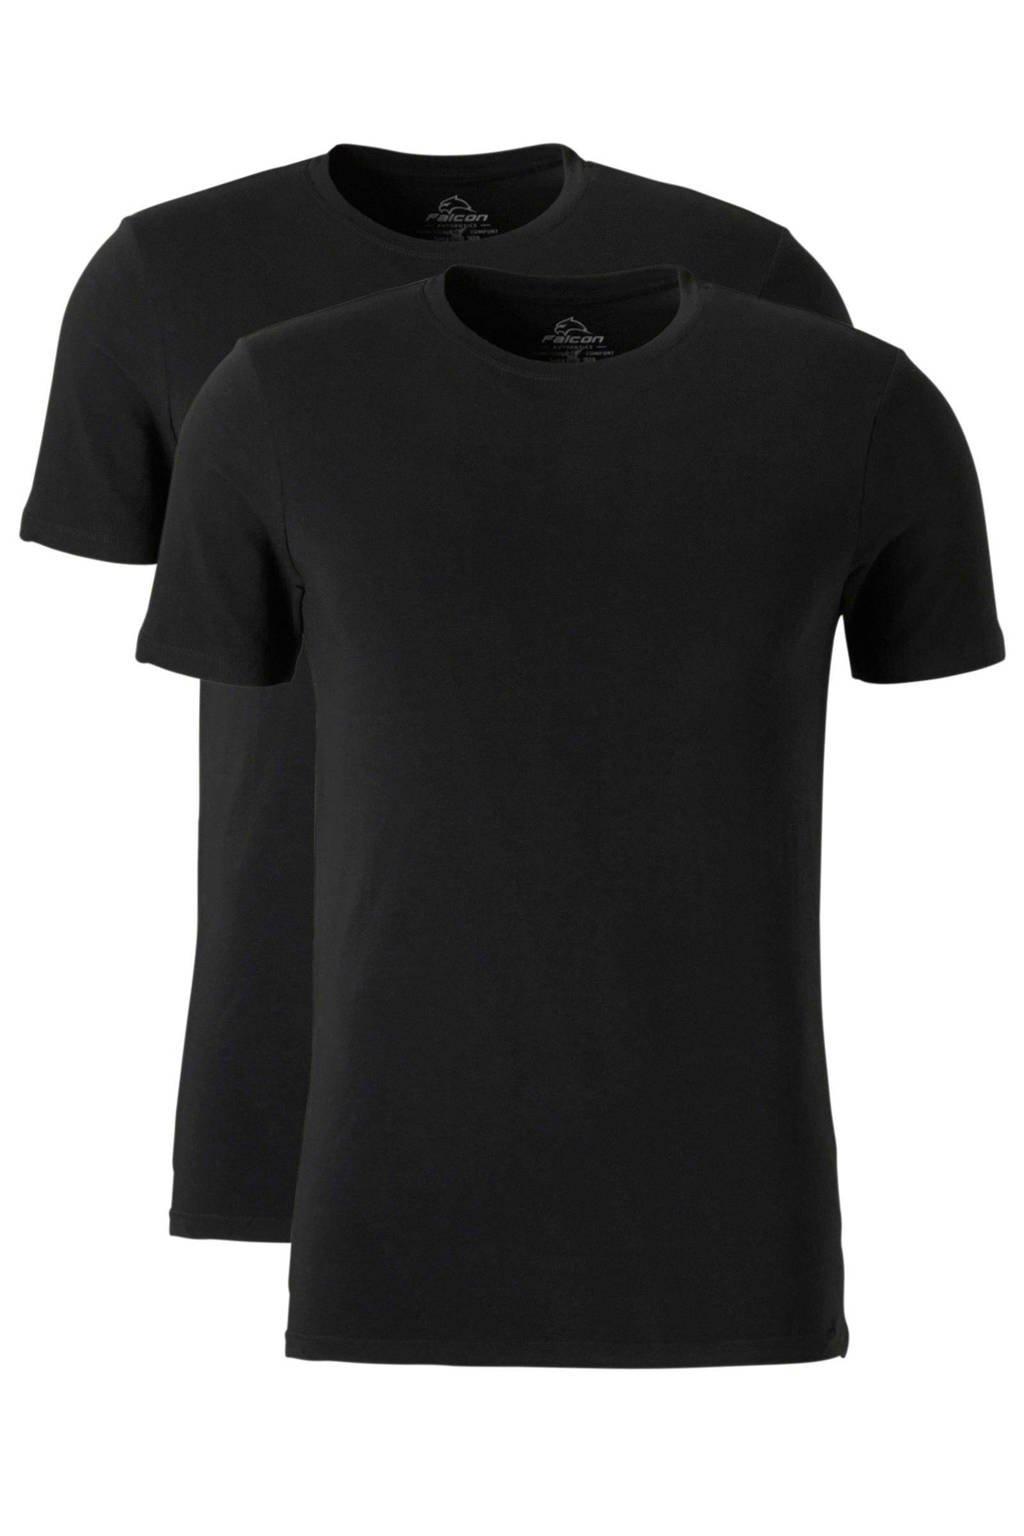 Falcon   sport T-shirt (set van 2), Zwart